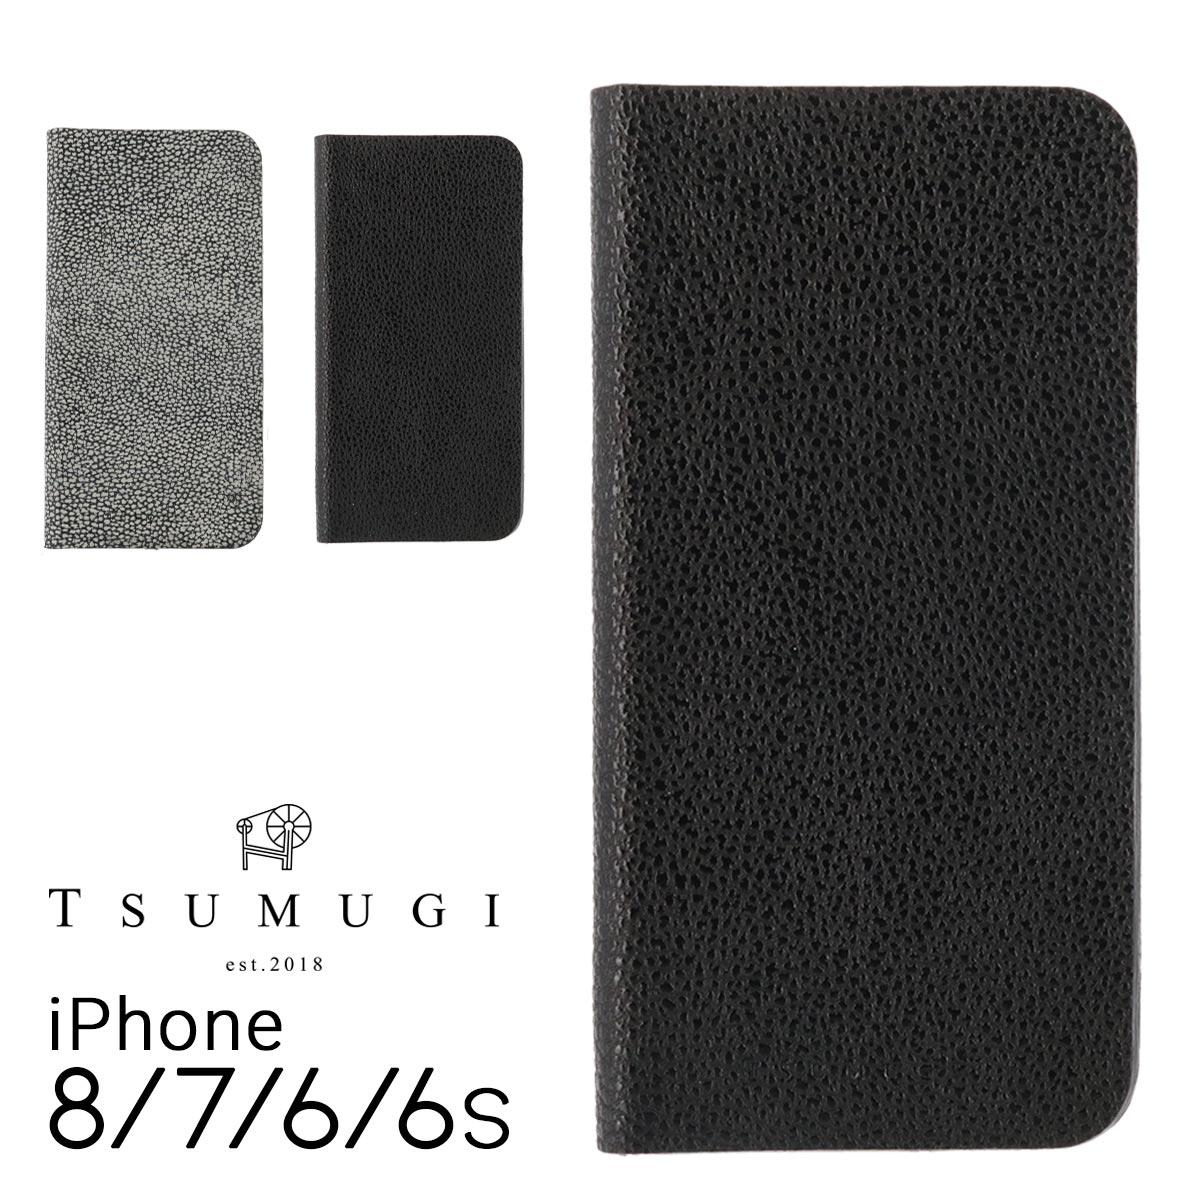 つむぎ iPhone8 iPhone7 iPhone6 iPhone6s ケース メンズ 漆塗レザー TU-BKI7S TSUMUGI 手帳型 スマートフォンケース 本革[bef][即日発送]